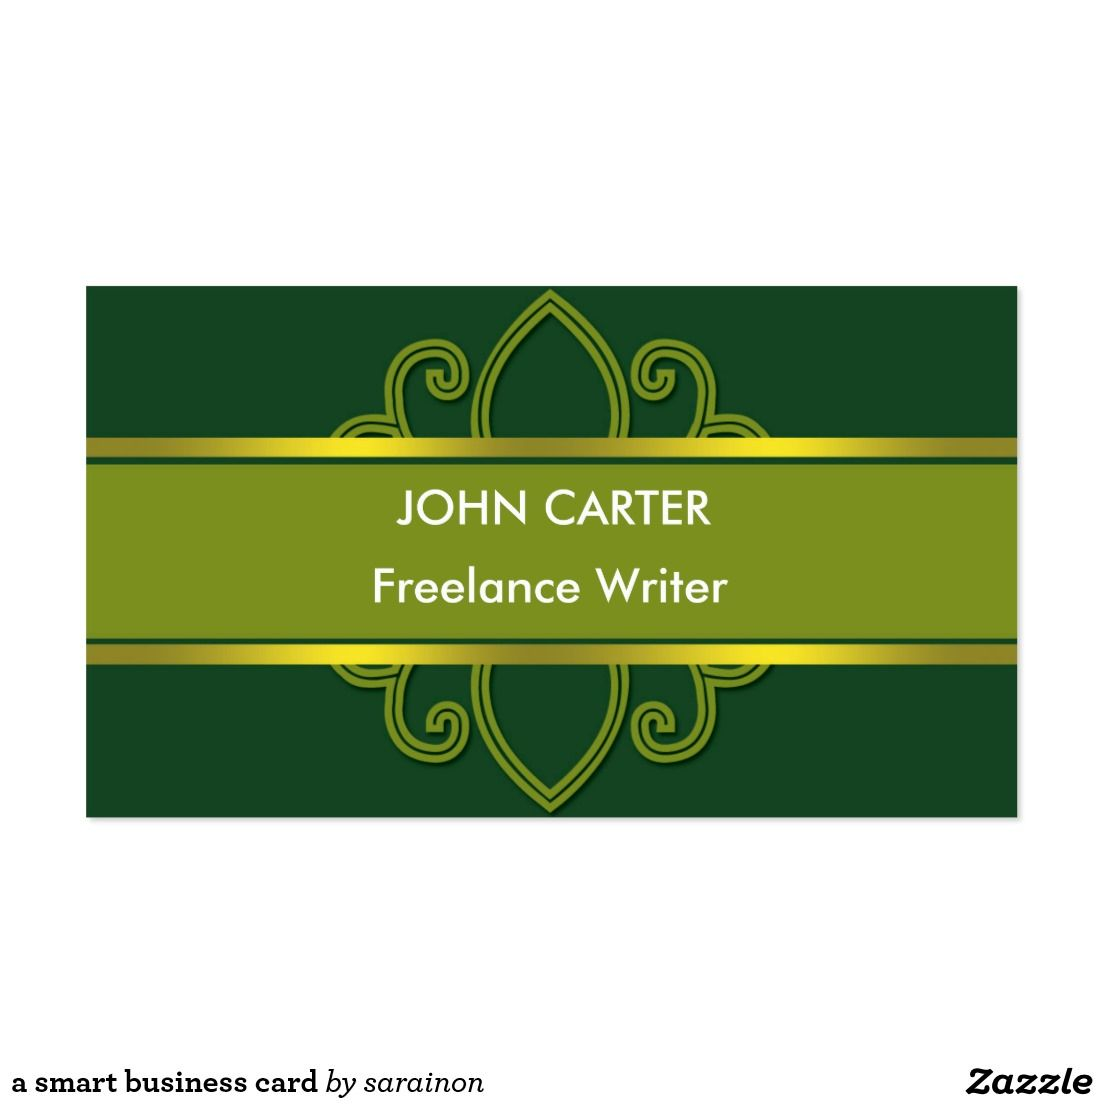 a smart business card | Business Cards: Freelance Writer | Pinterest